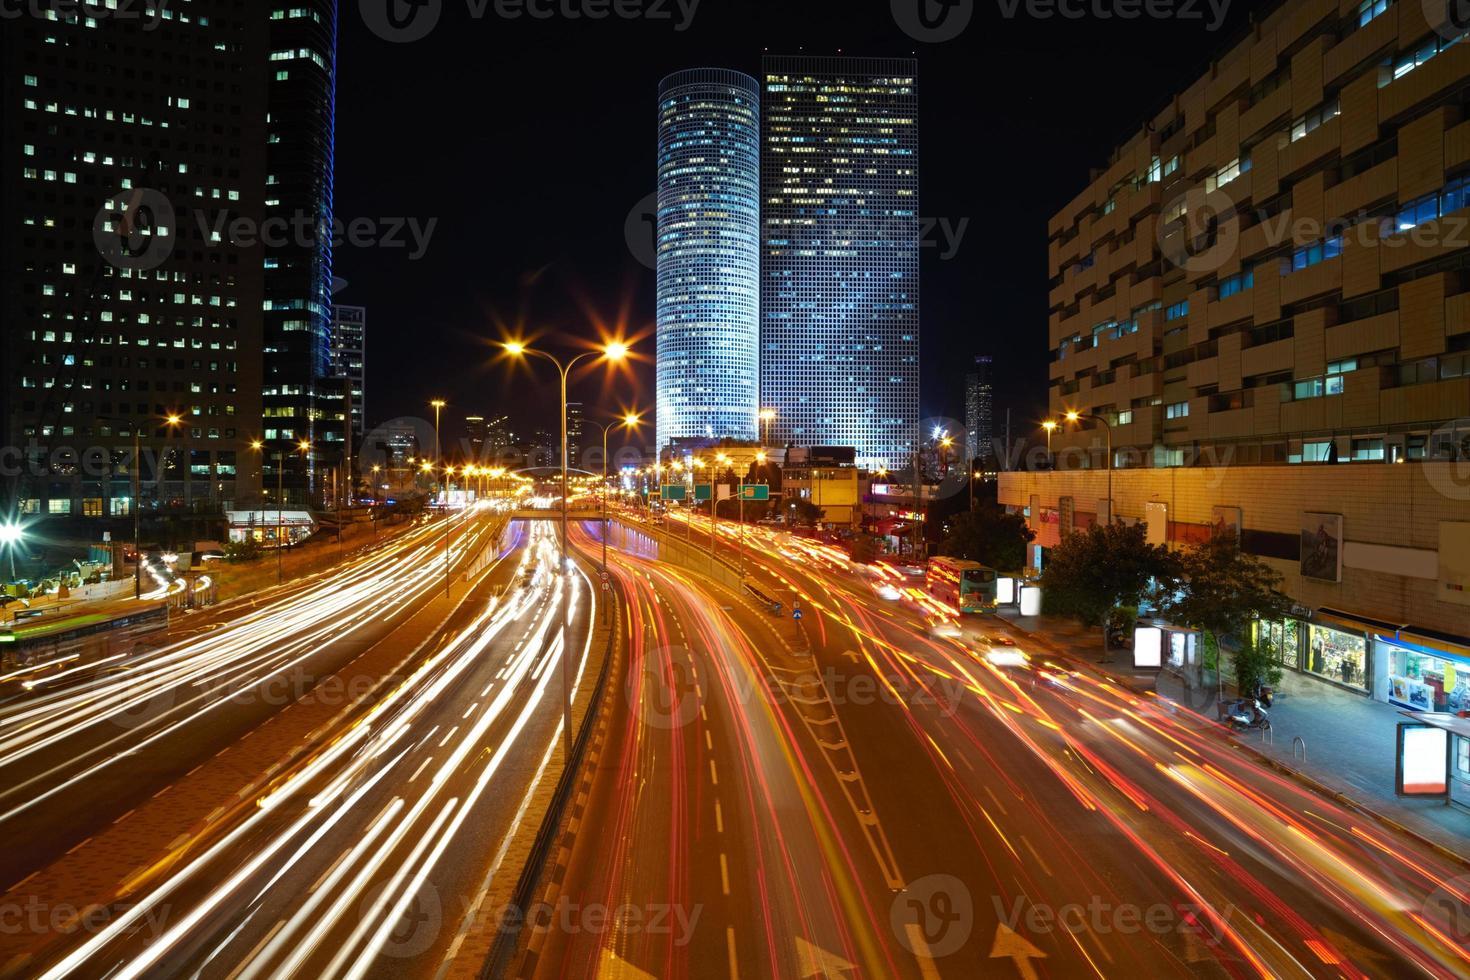 natt trafikstockning foto